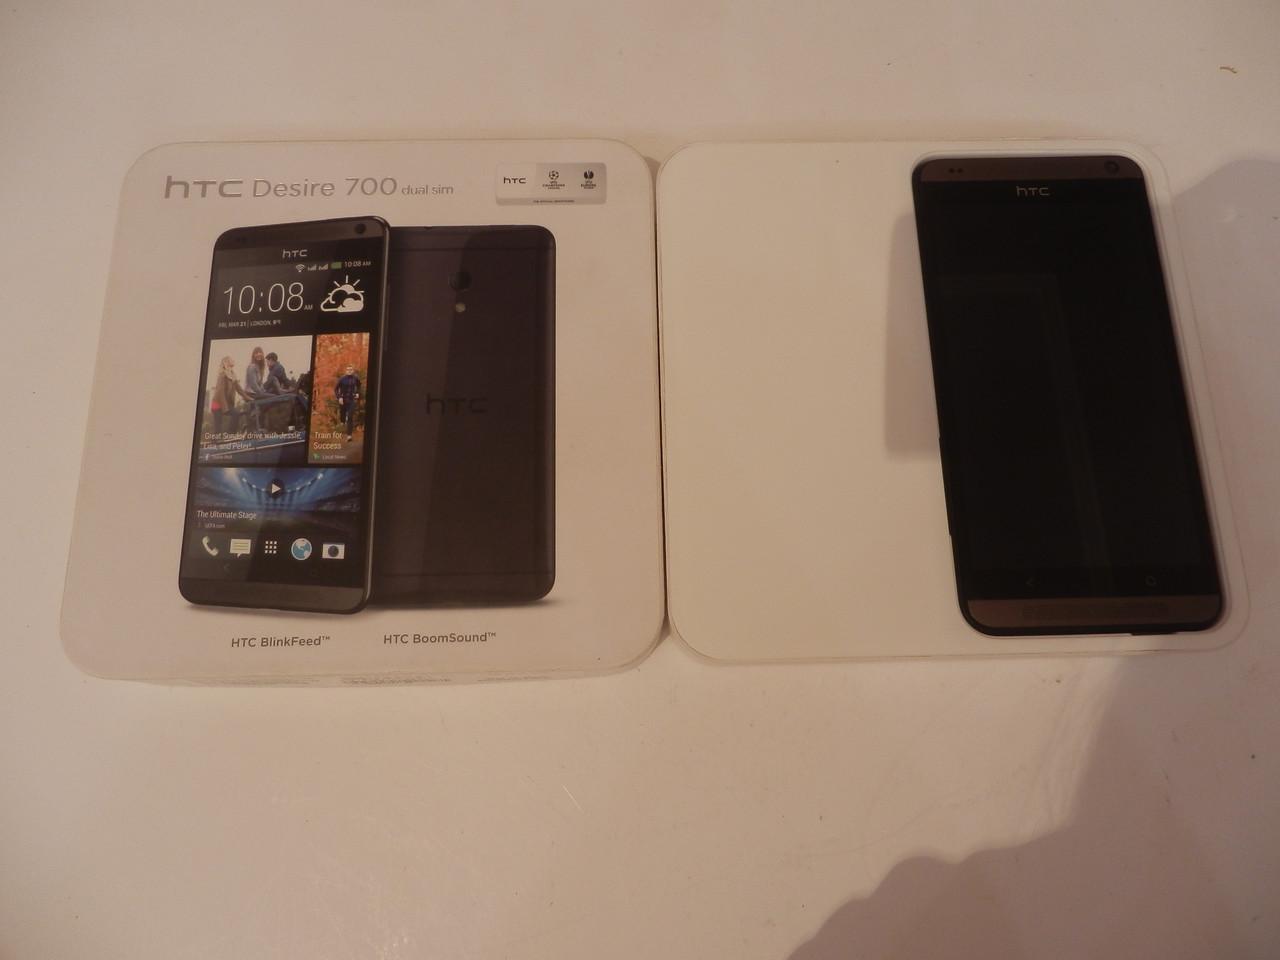 HTC desire 700 №7012 на запчасти